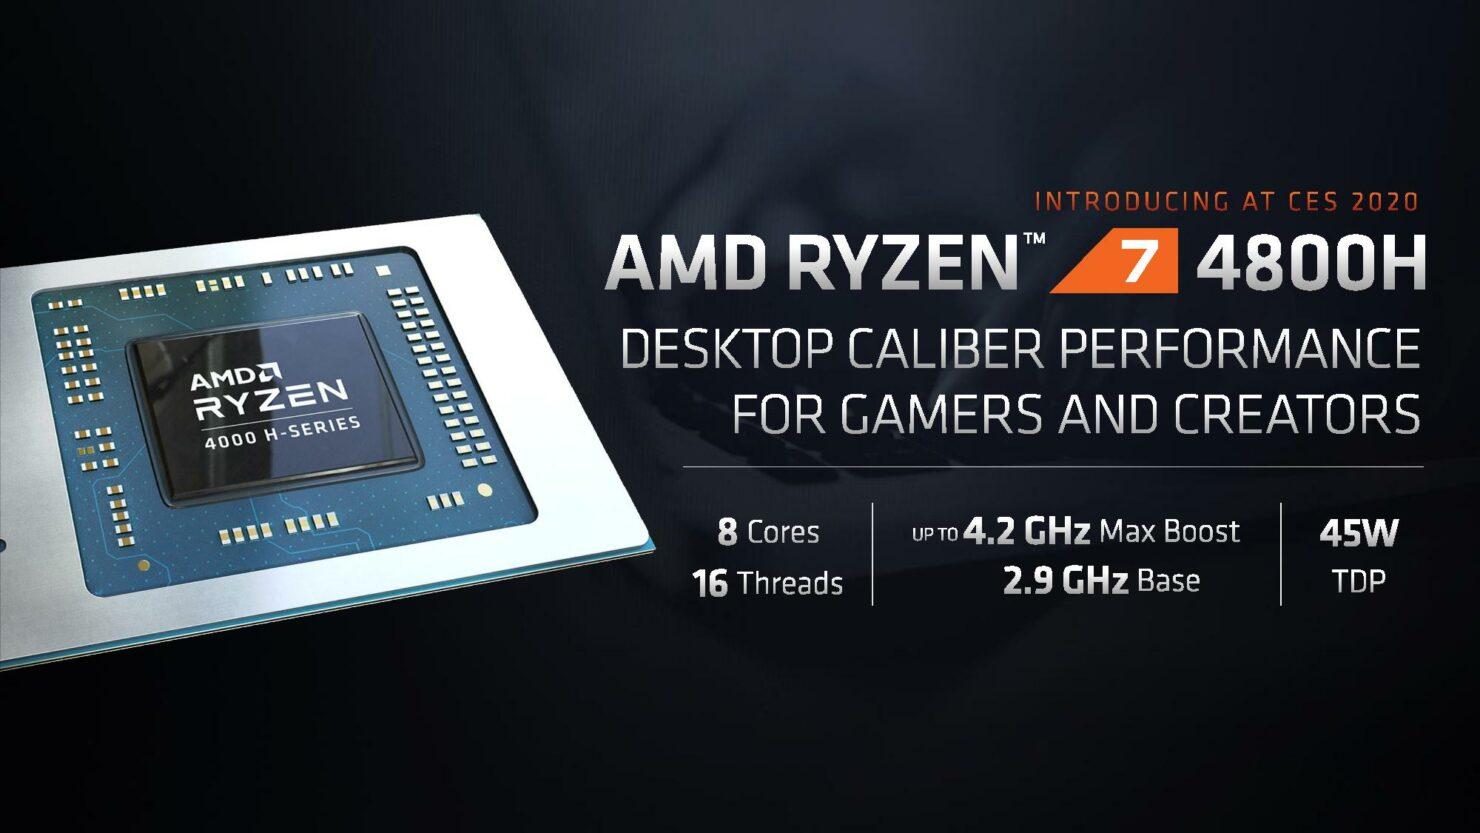 amd-ryzen-7-4800h-8-core-mobility-cpu_1